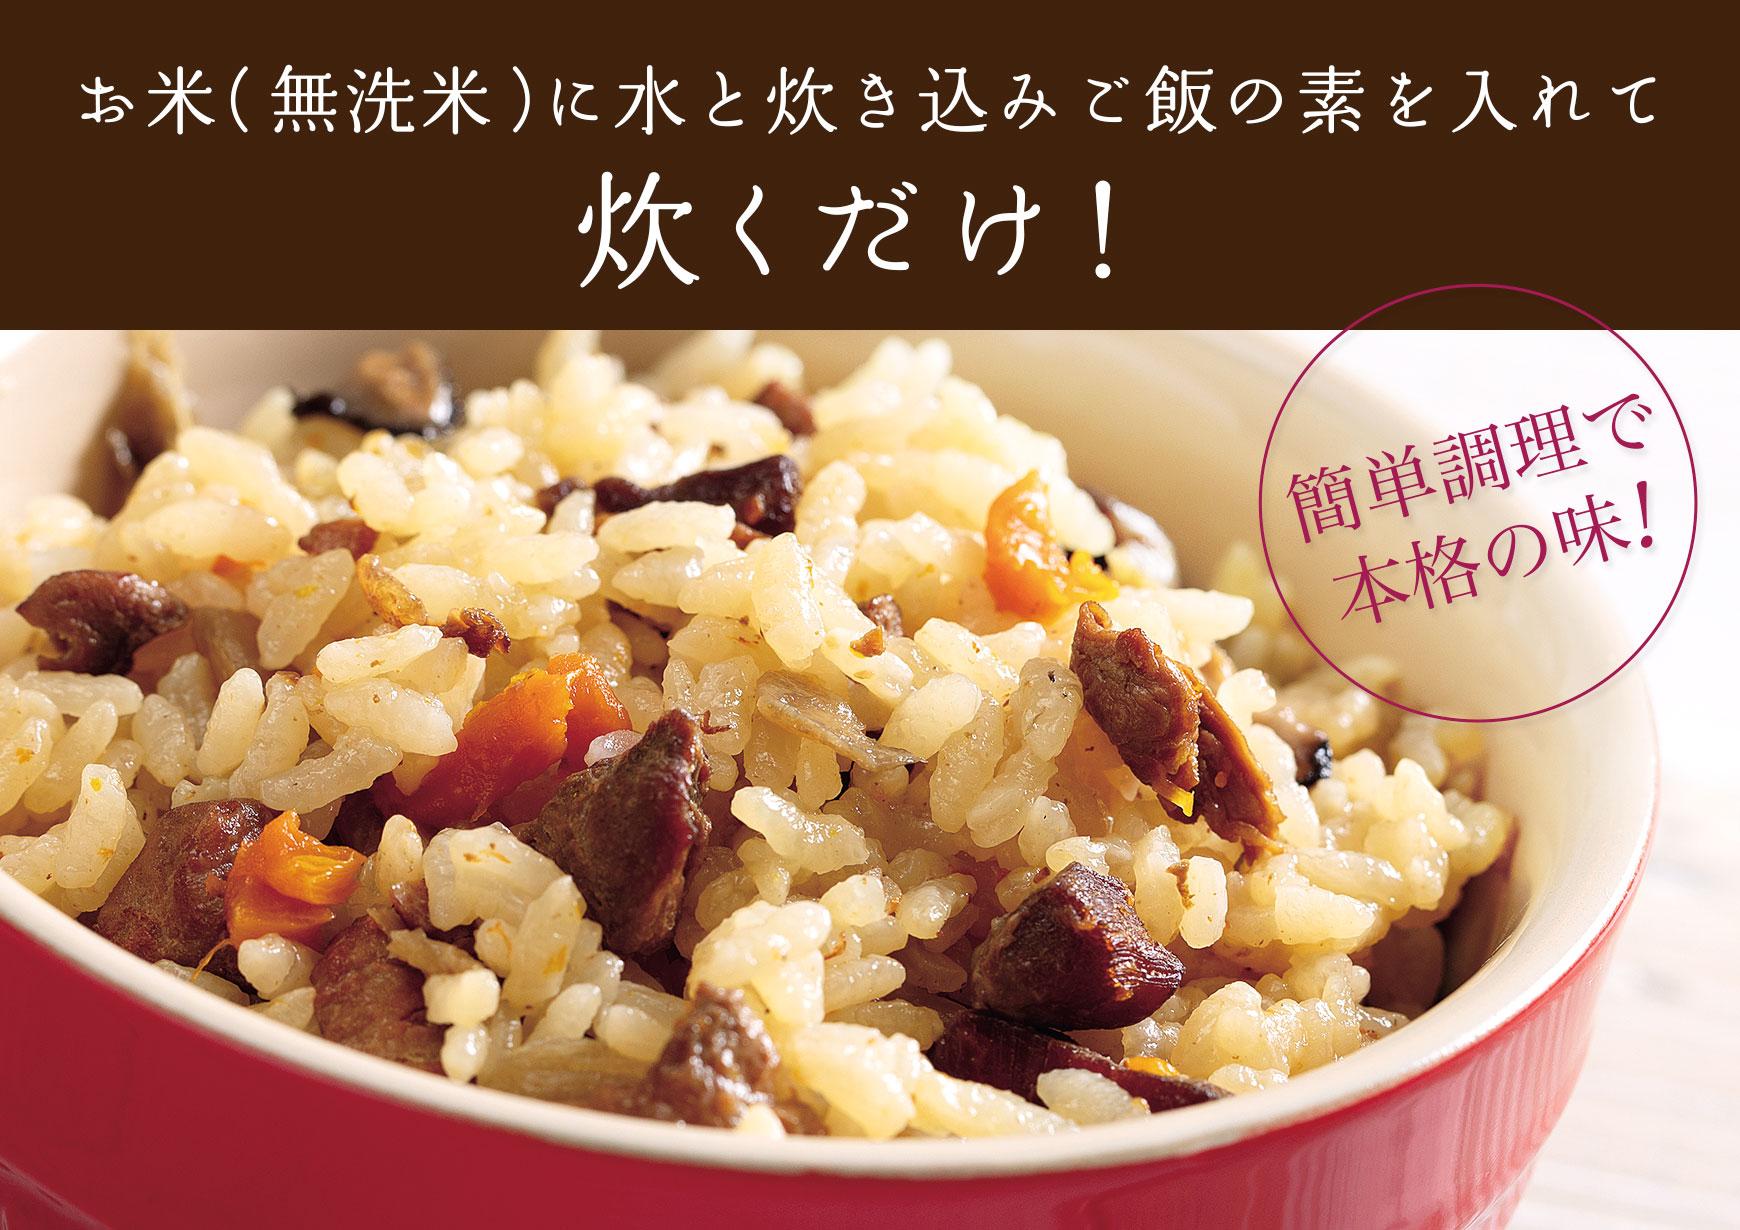 お米と水と炊き込みご飯の素を入れて炊くだけ